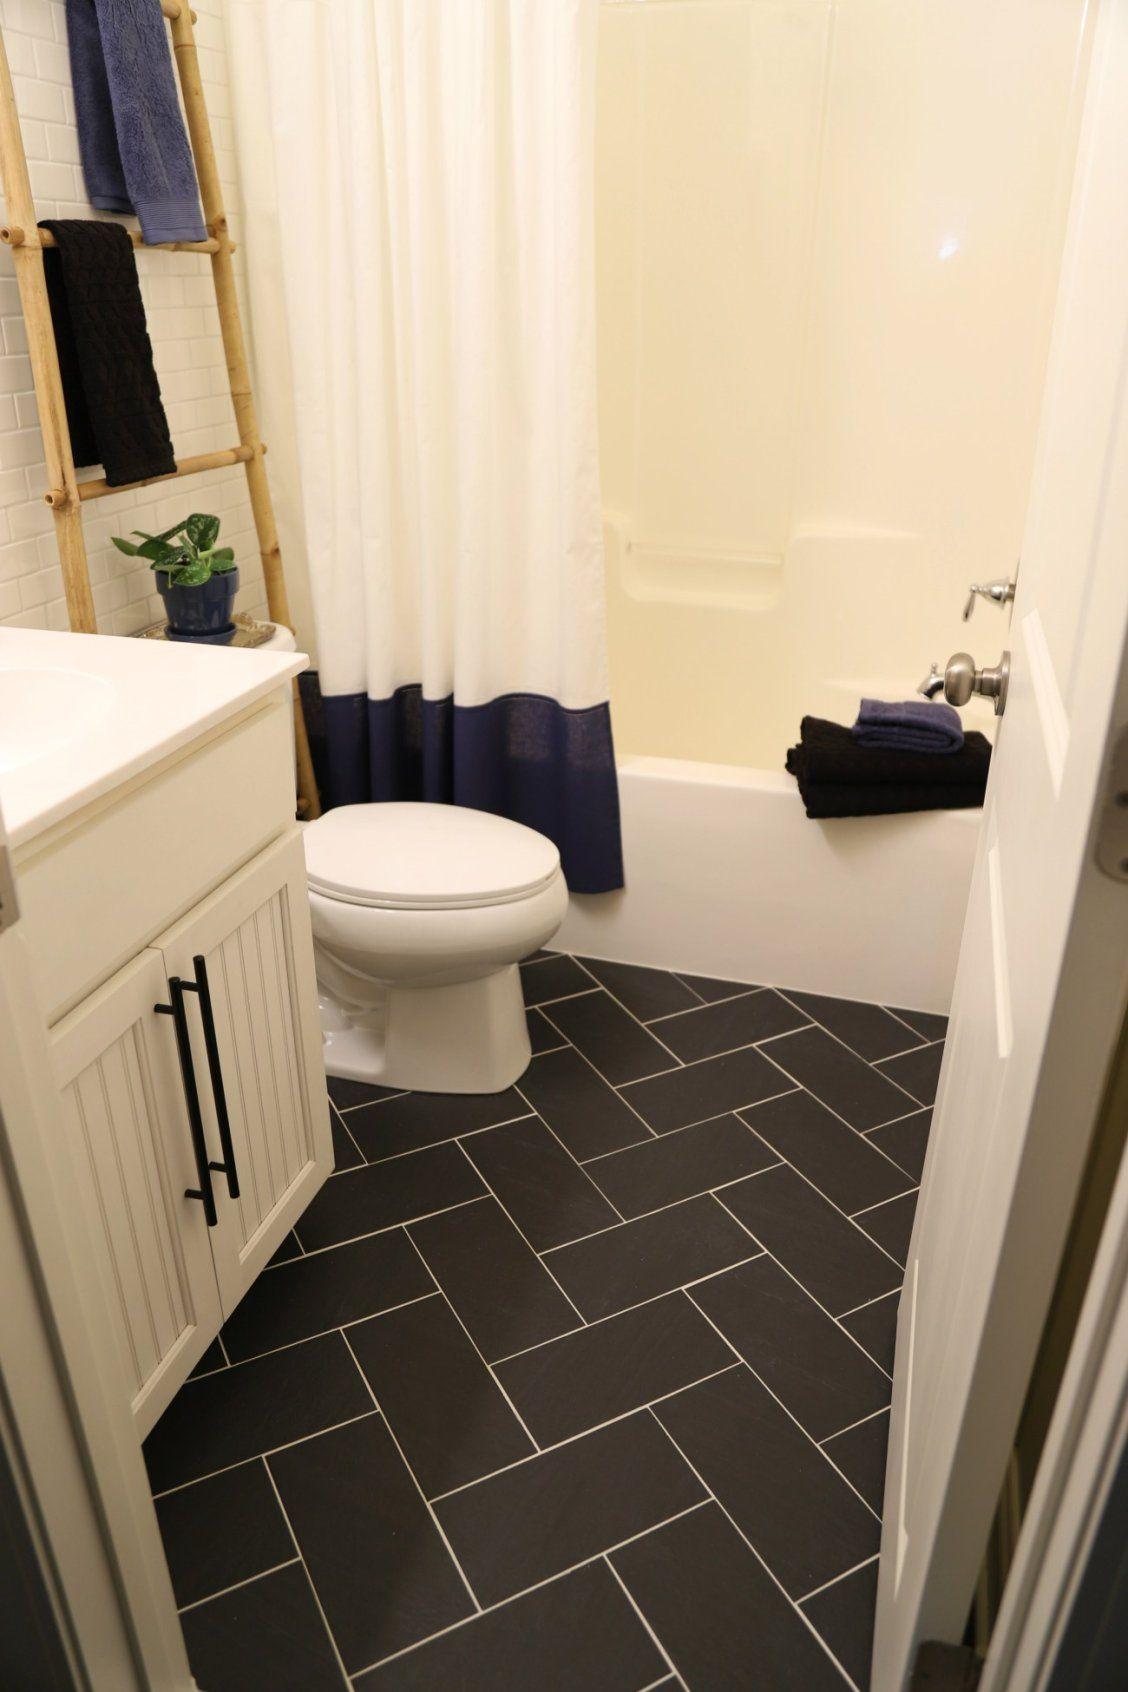 10 Reasons To Bathtub Reglaze Our Budget Bathroom Makeover With